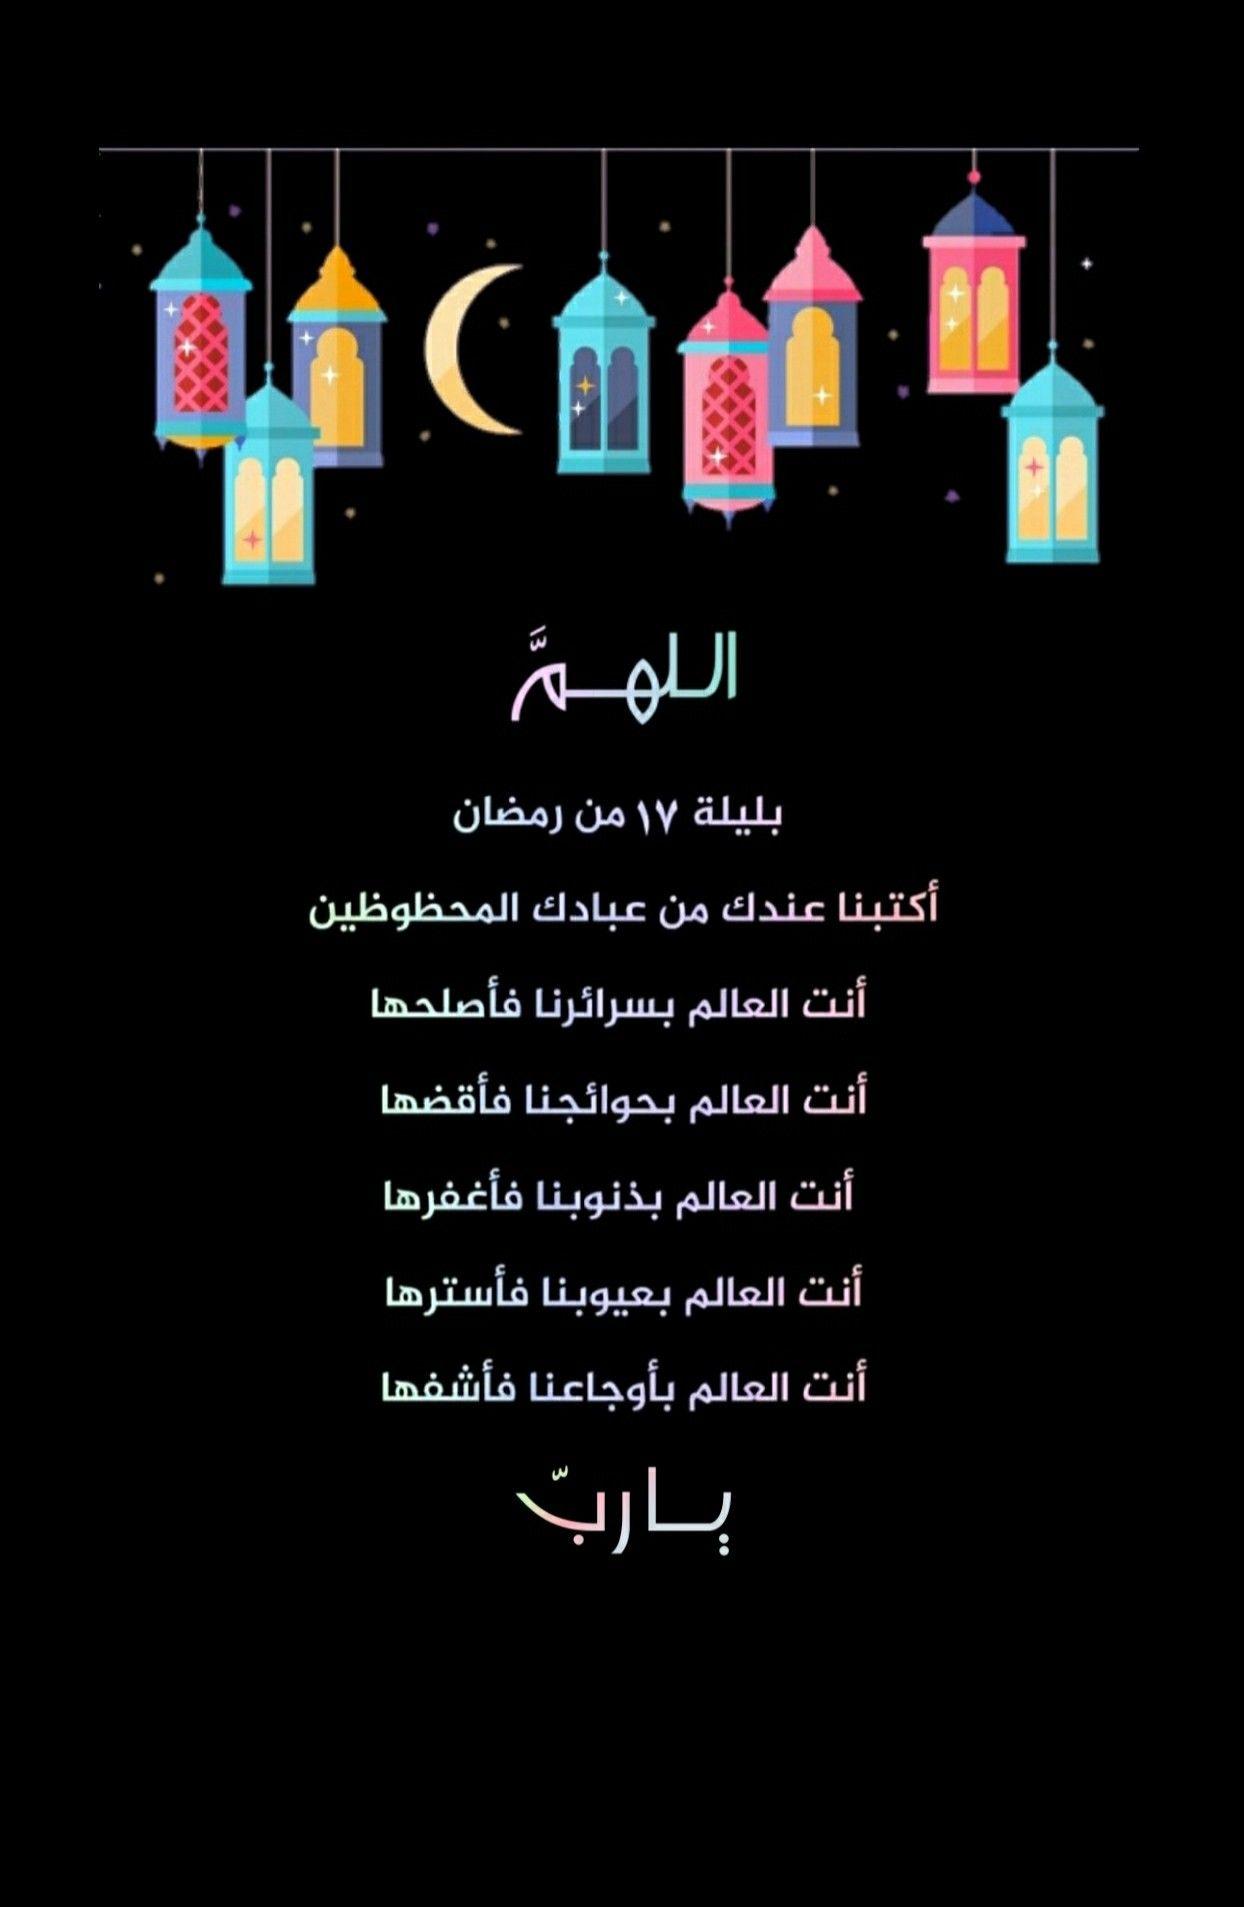 اللهــــم بليلة ١٧ من رمضان أكتبنا عندك من عبادك المحظوظين أنت العالم بسرائرنا فأصلحها أنت العالم بحوائجنا فأقض Ramadan Greetings Ramadan Day Ramadan Cards